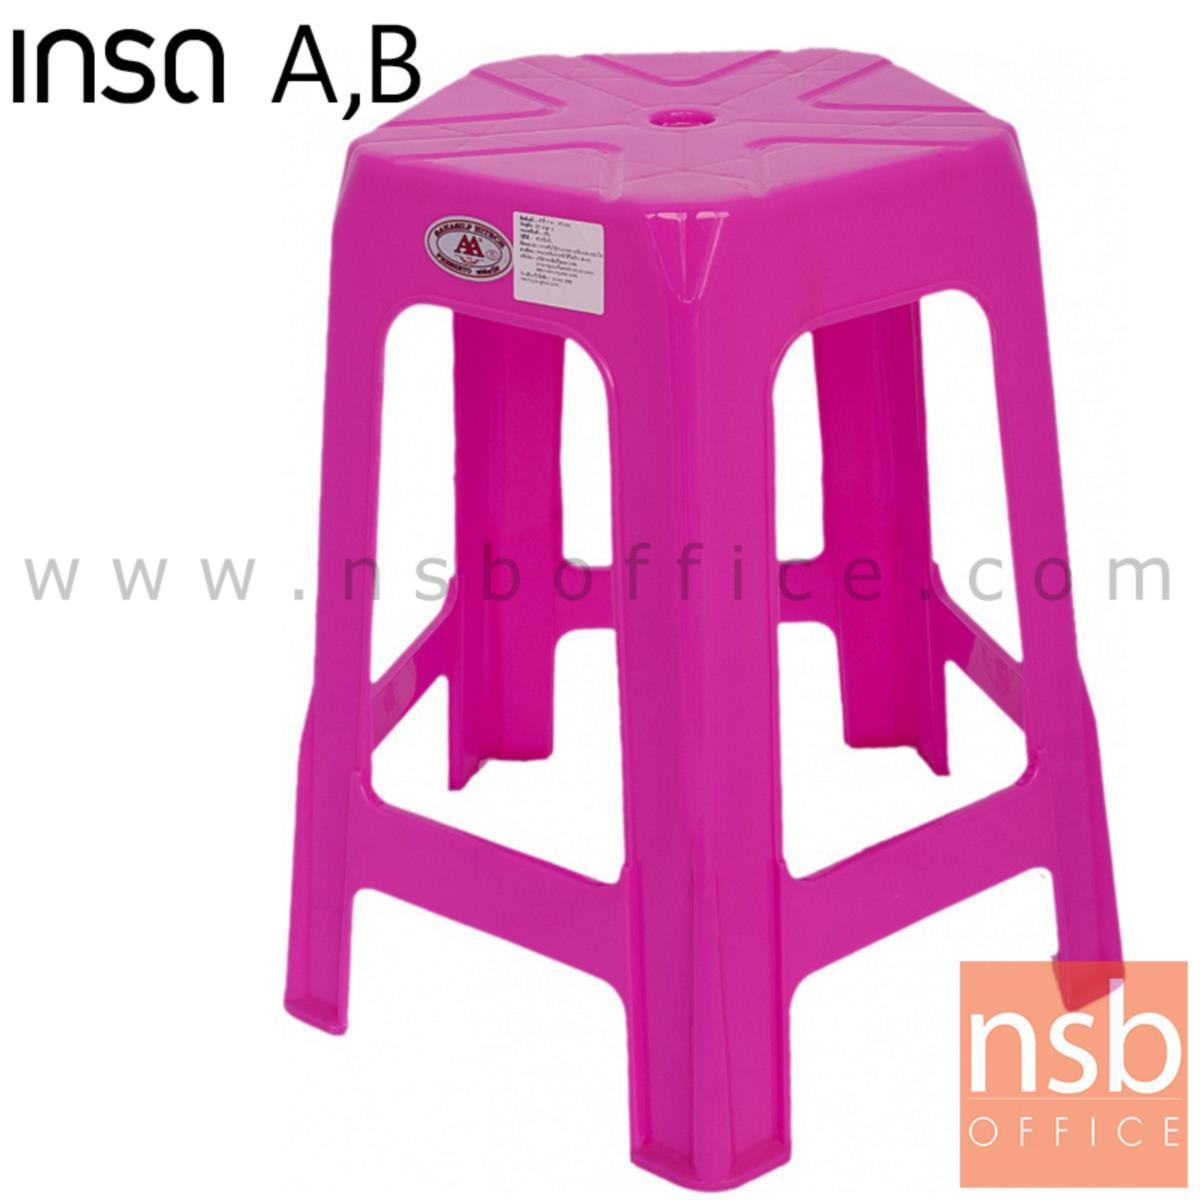 เก้าอี้พลาสติก 5 ขา รุ่น FIVESTAR _CHAIR ซ้อนทับได้ (ผลิตทั้งเกรด A และ B)